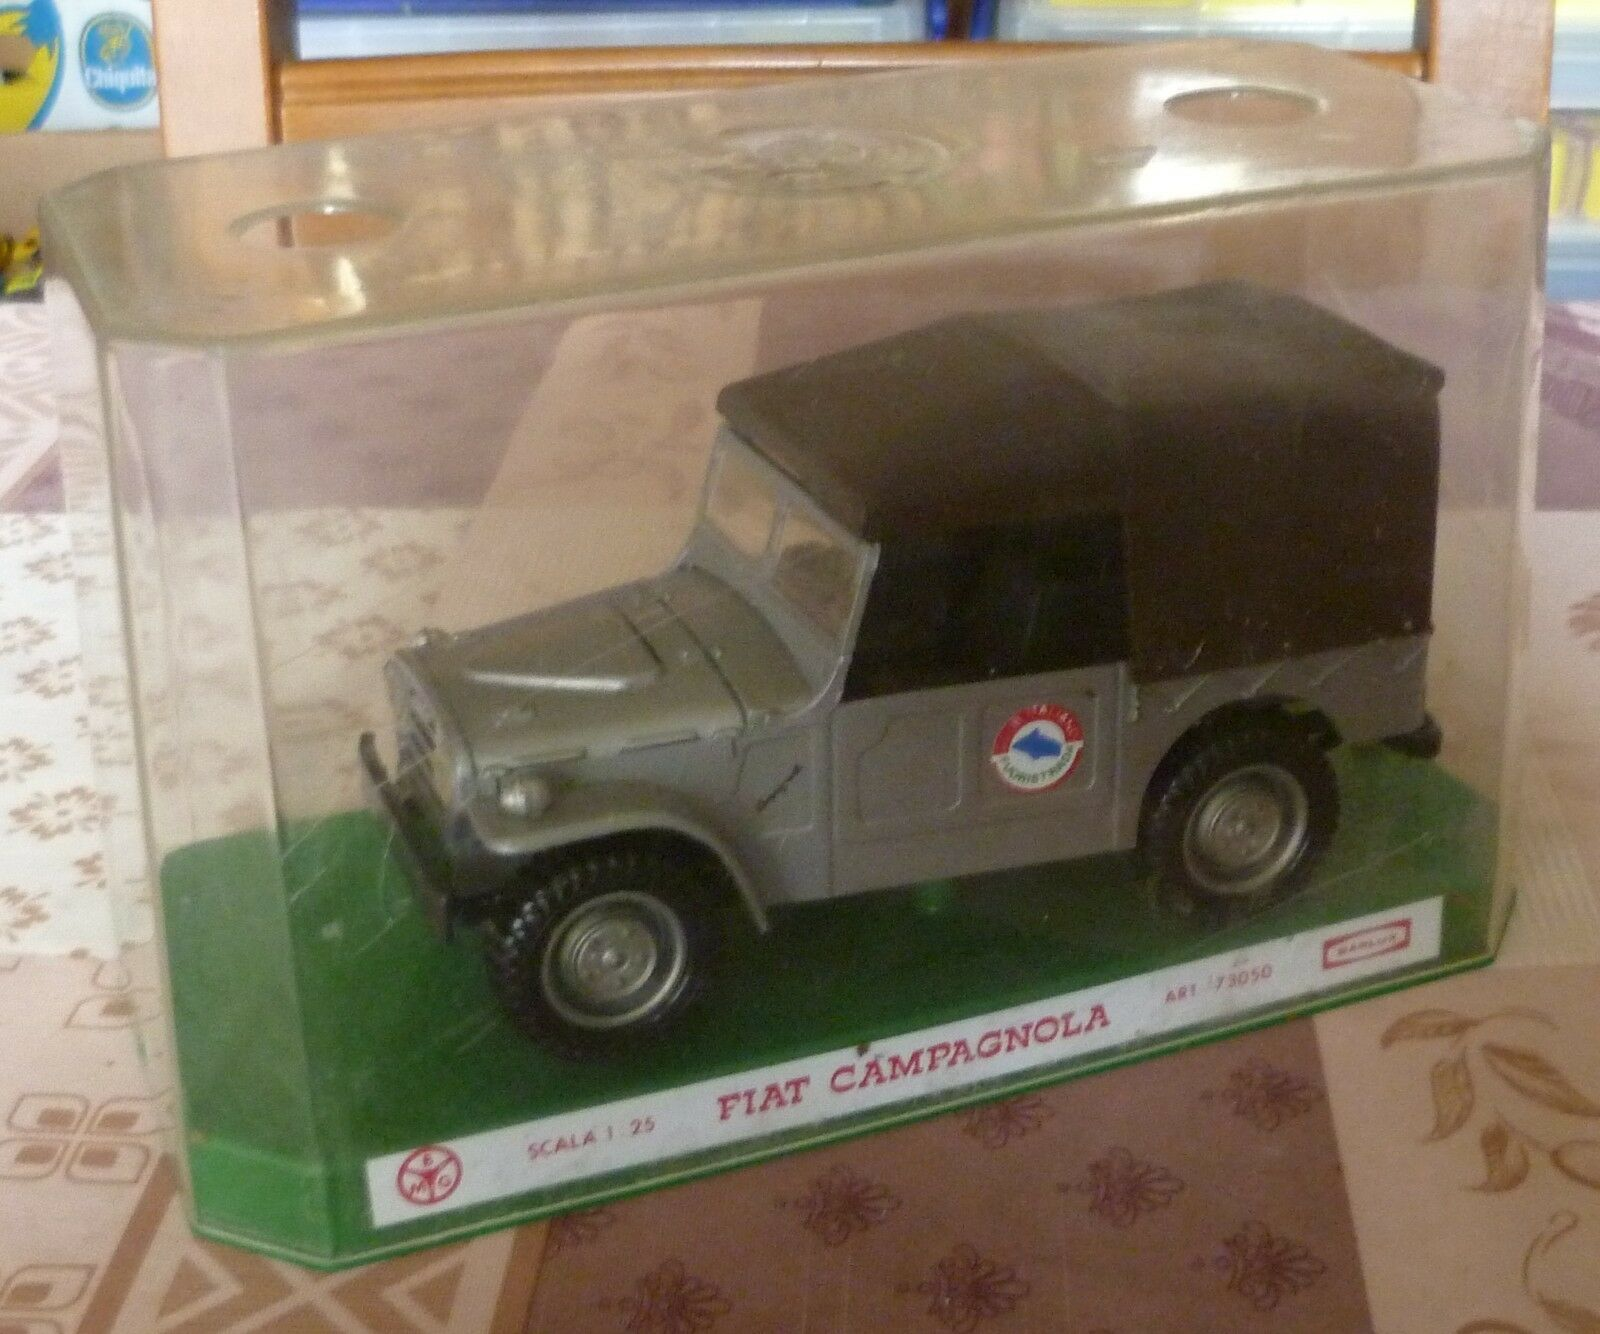 Barlux Fiat Campagnola   Club Italiano Fuoristrada  1 25